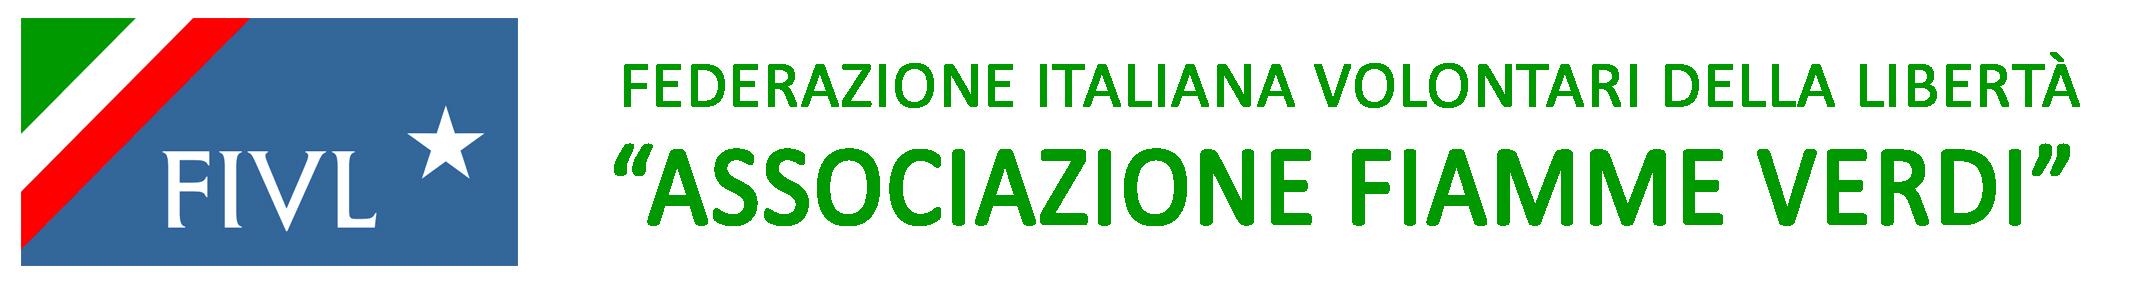 Associazione Fiamme Verdi